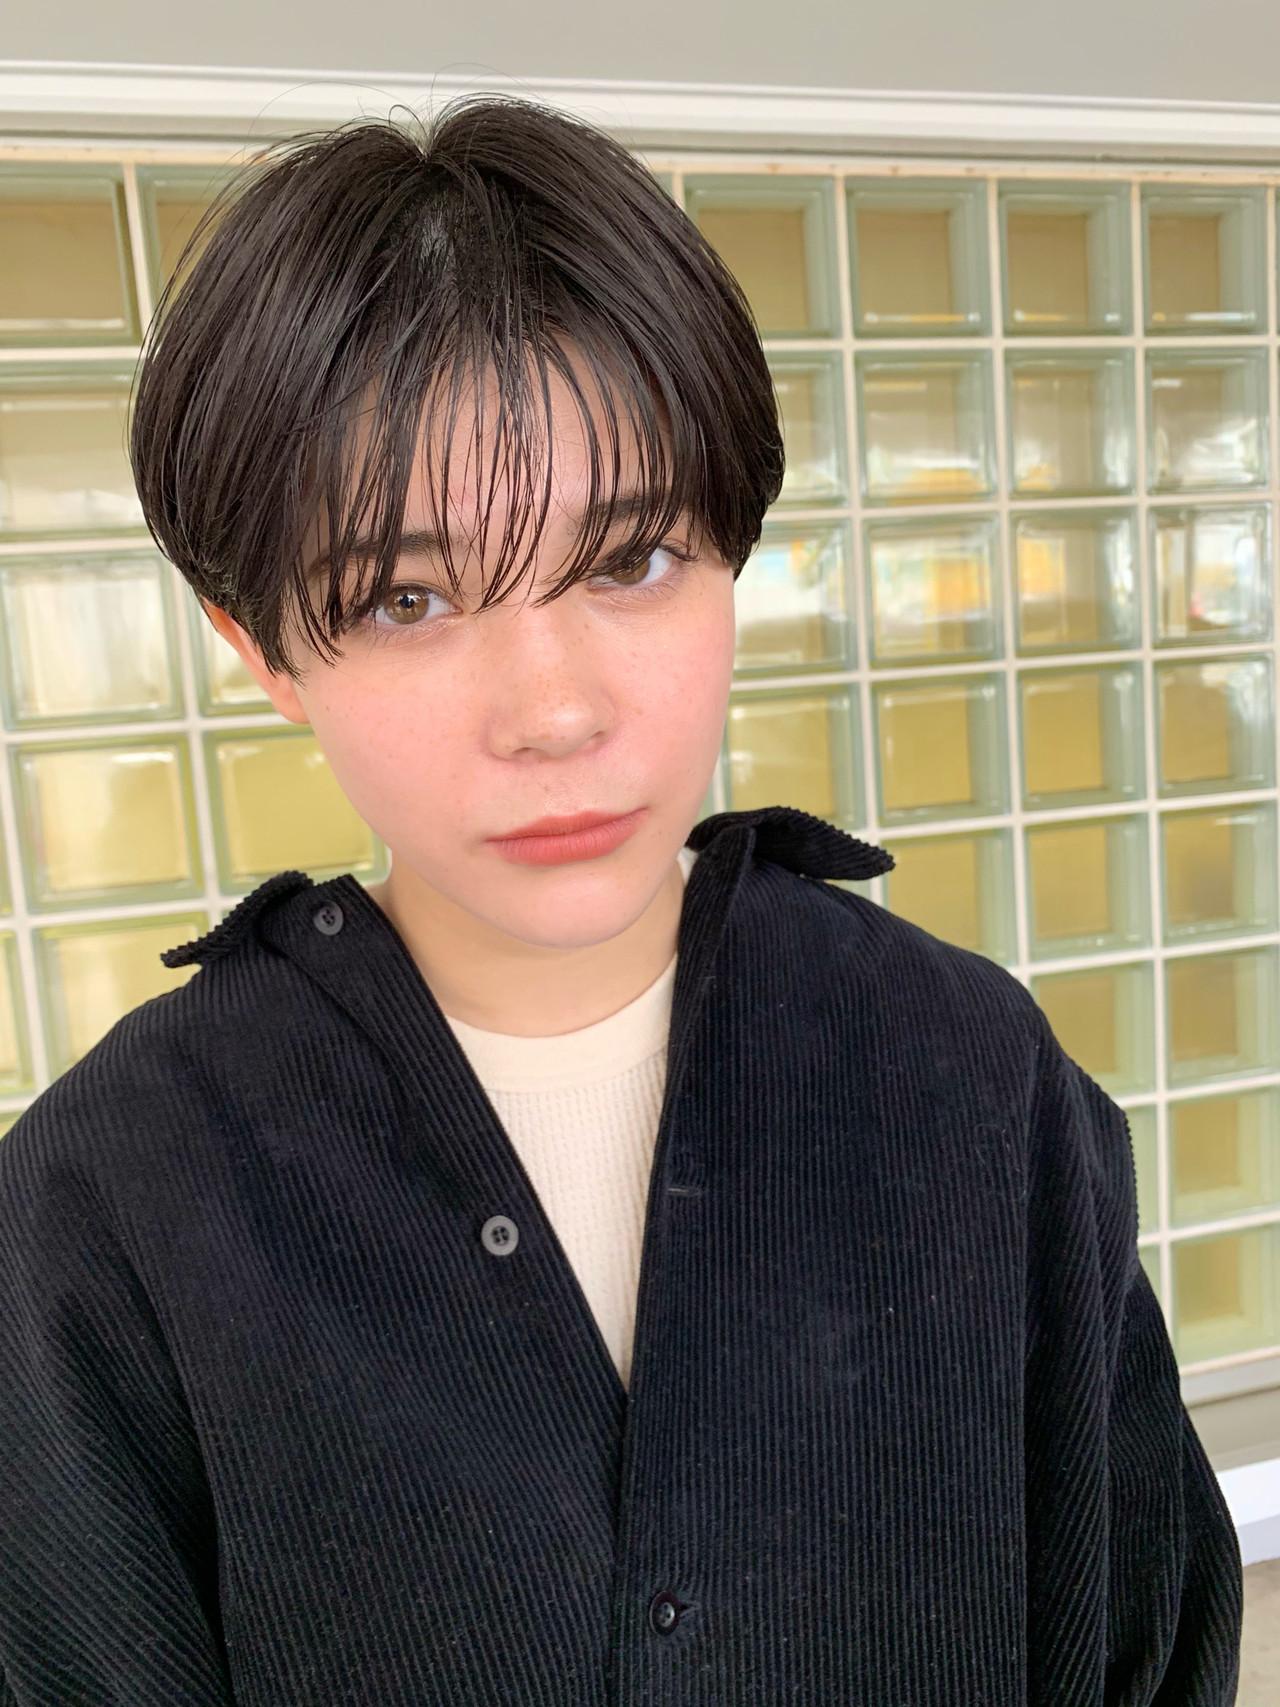 アンニュイほつれヘア ストリート ハイトーン ゆるふわ ヘアスタイルや髪型の写真・画像